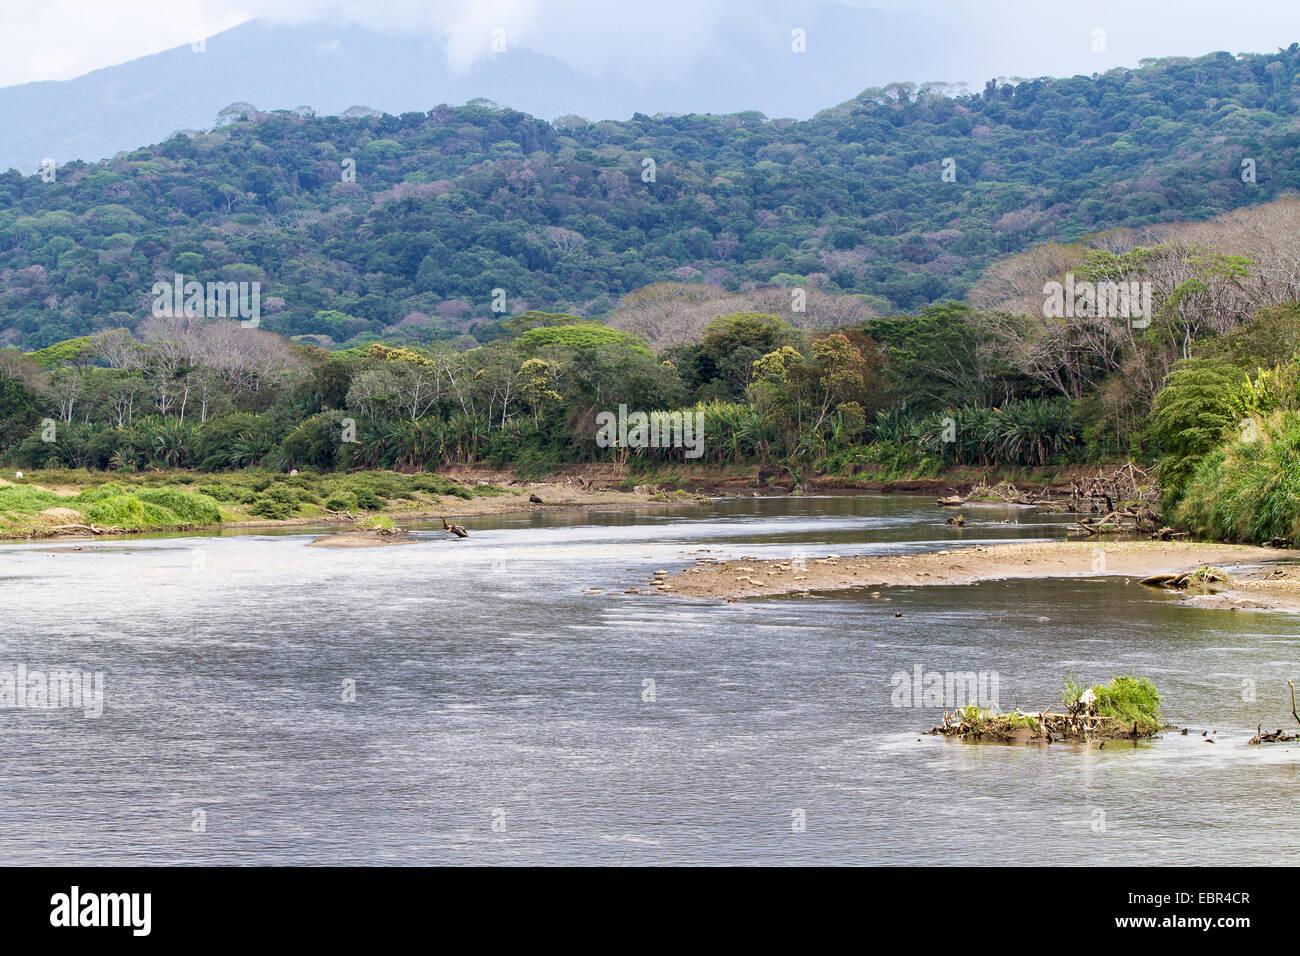 Río Tárcoles, cerca de la boca de agua en el Océano Pacífico, Costa Rica, Río Tárcoles Imagen De Stock